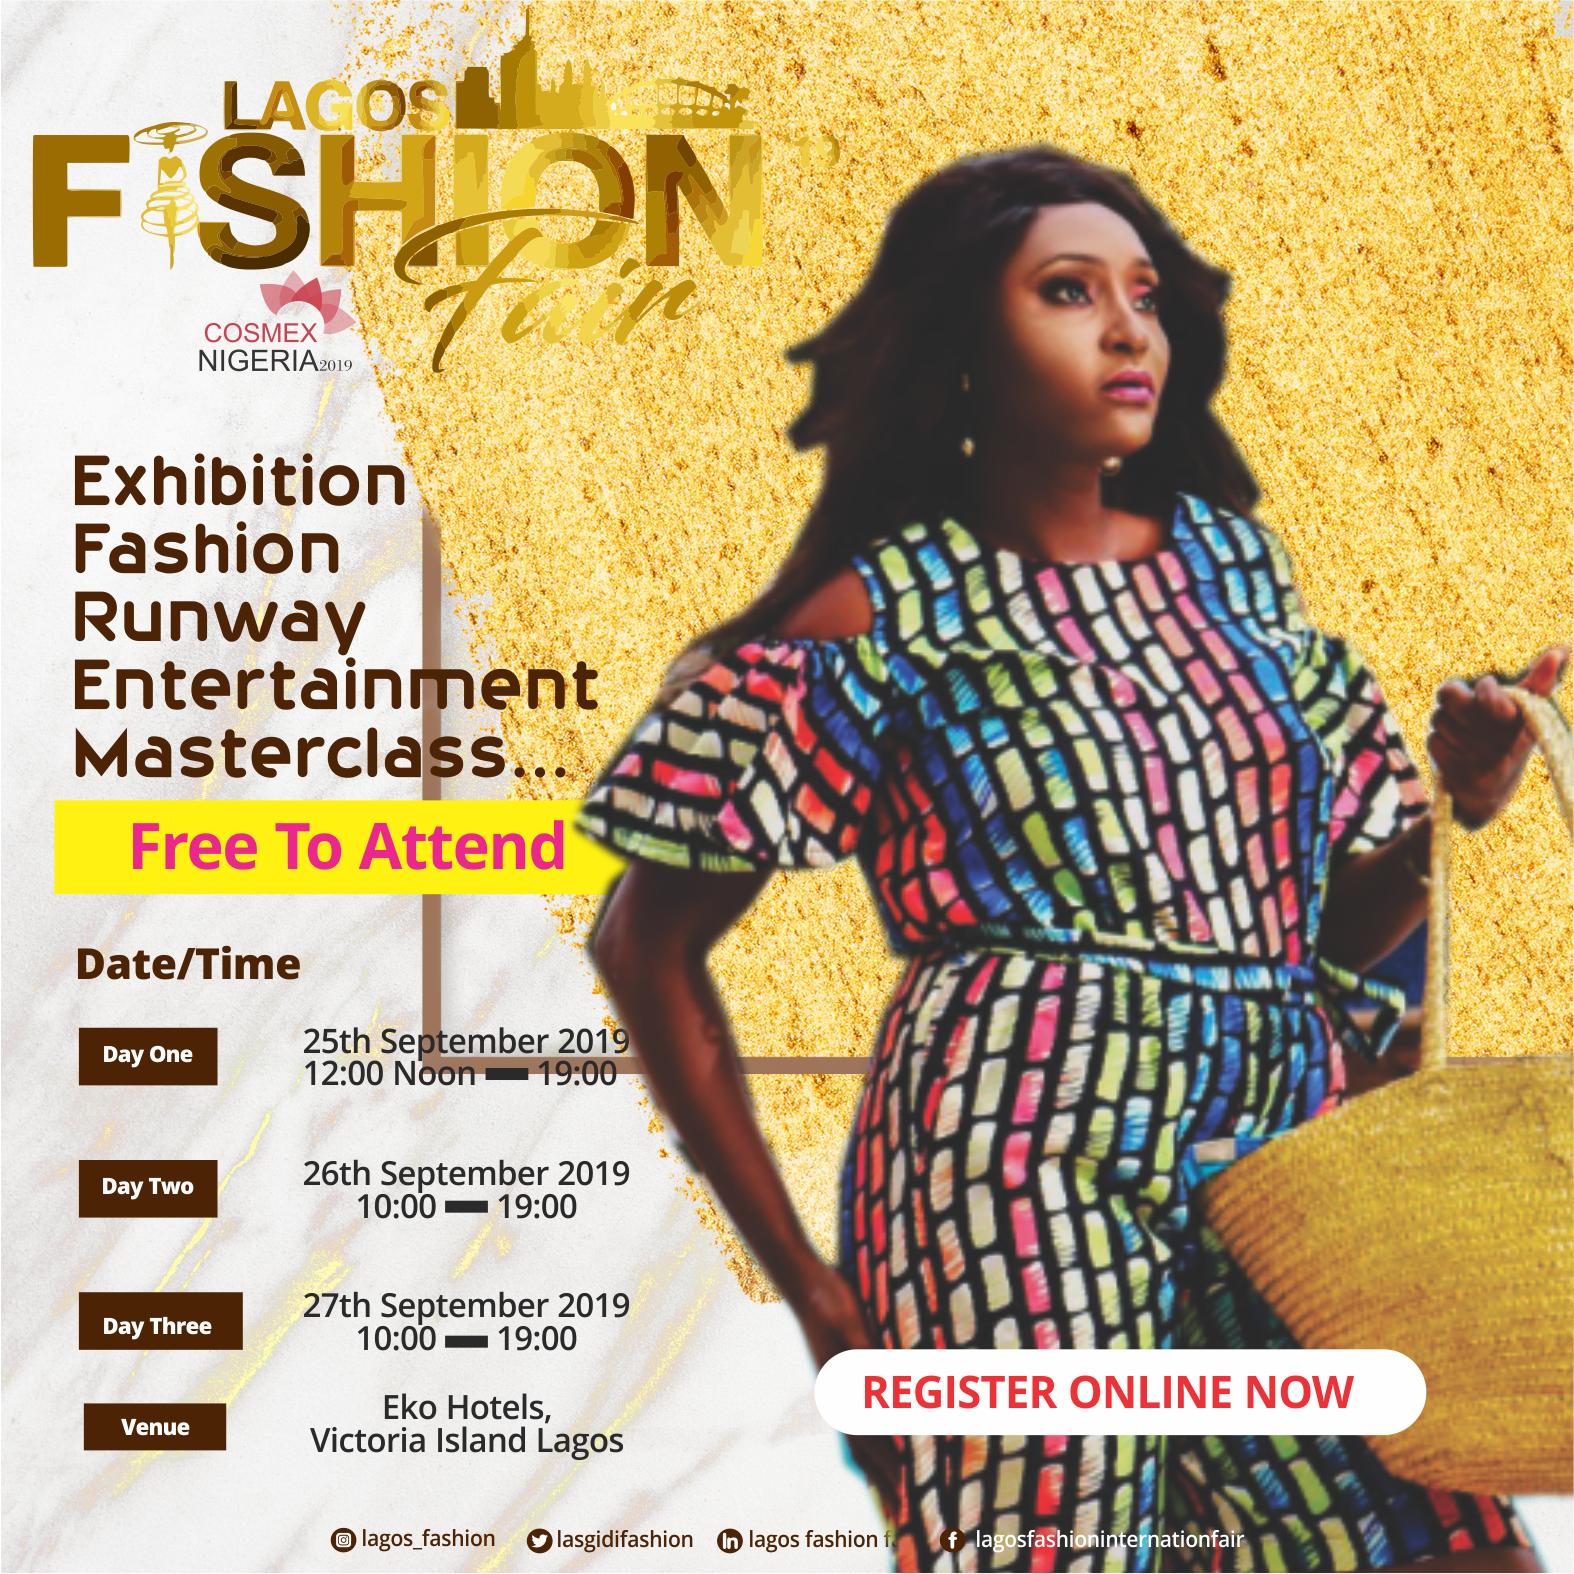 Plan to Attend Lagos Fashion Expo 2019